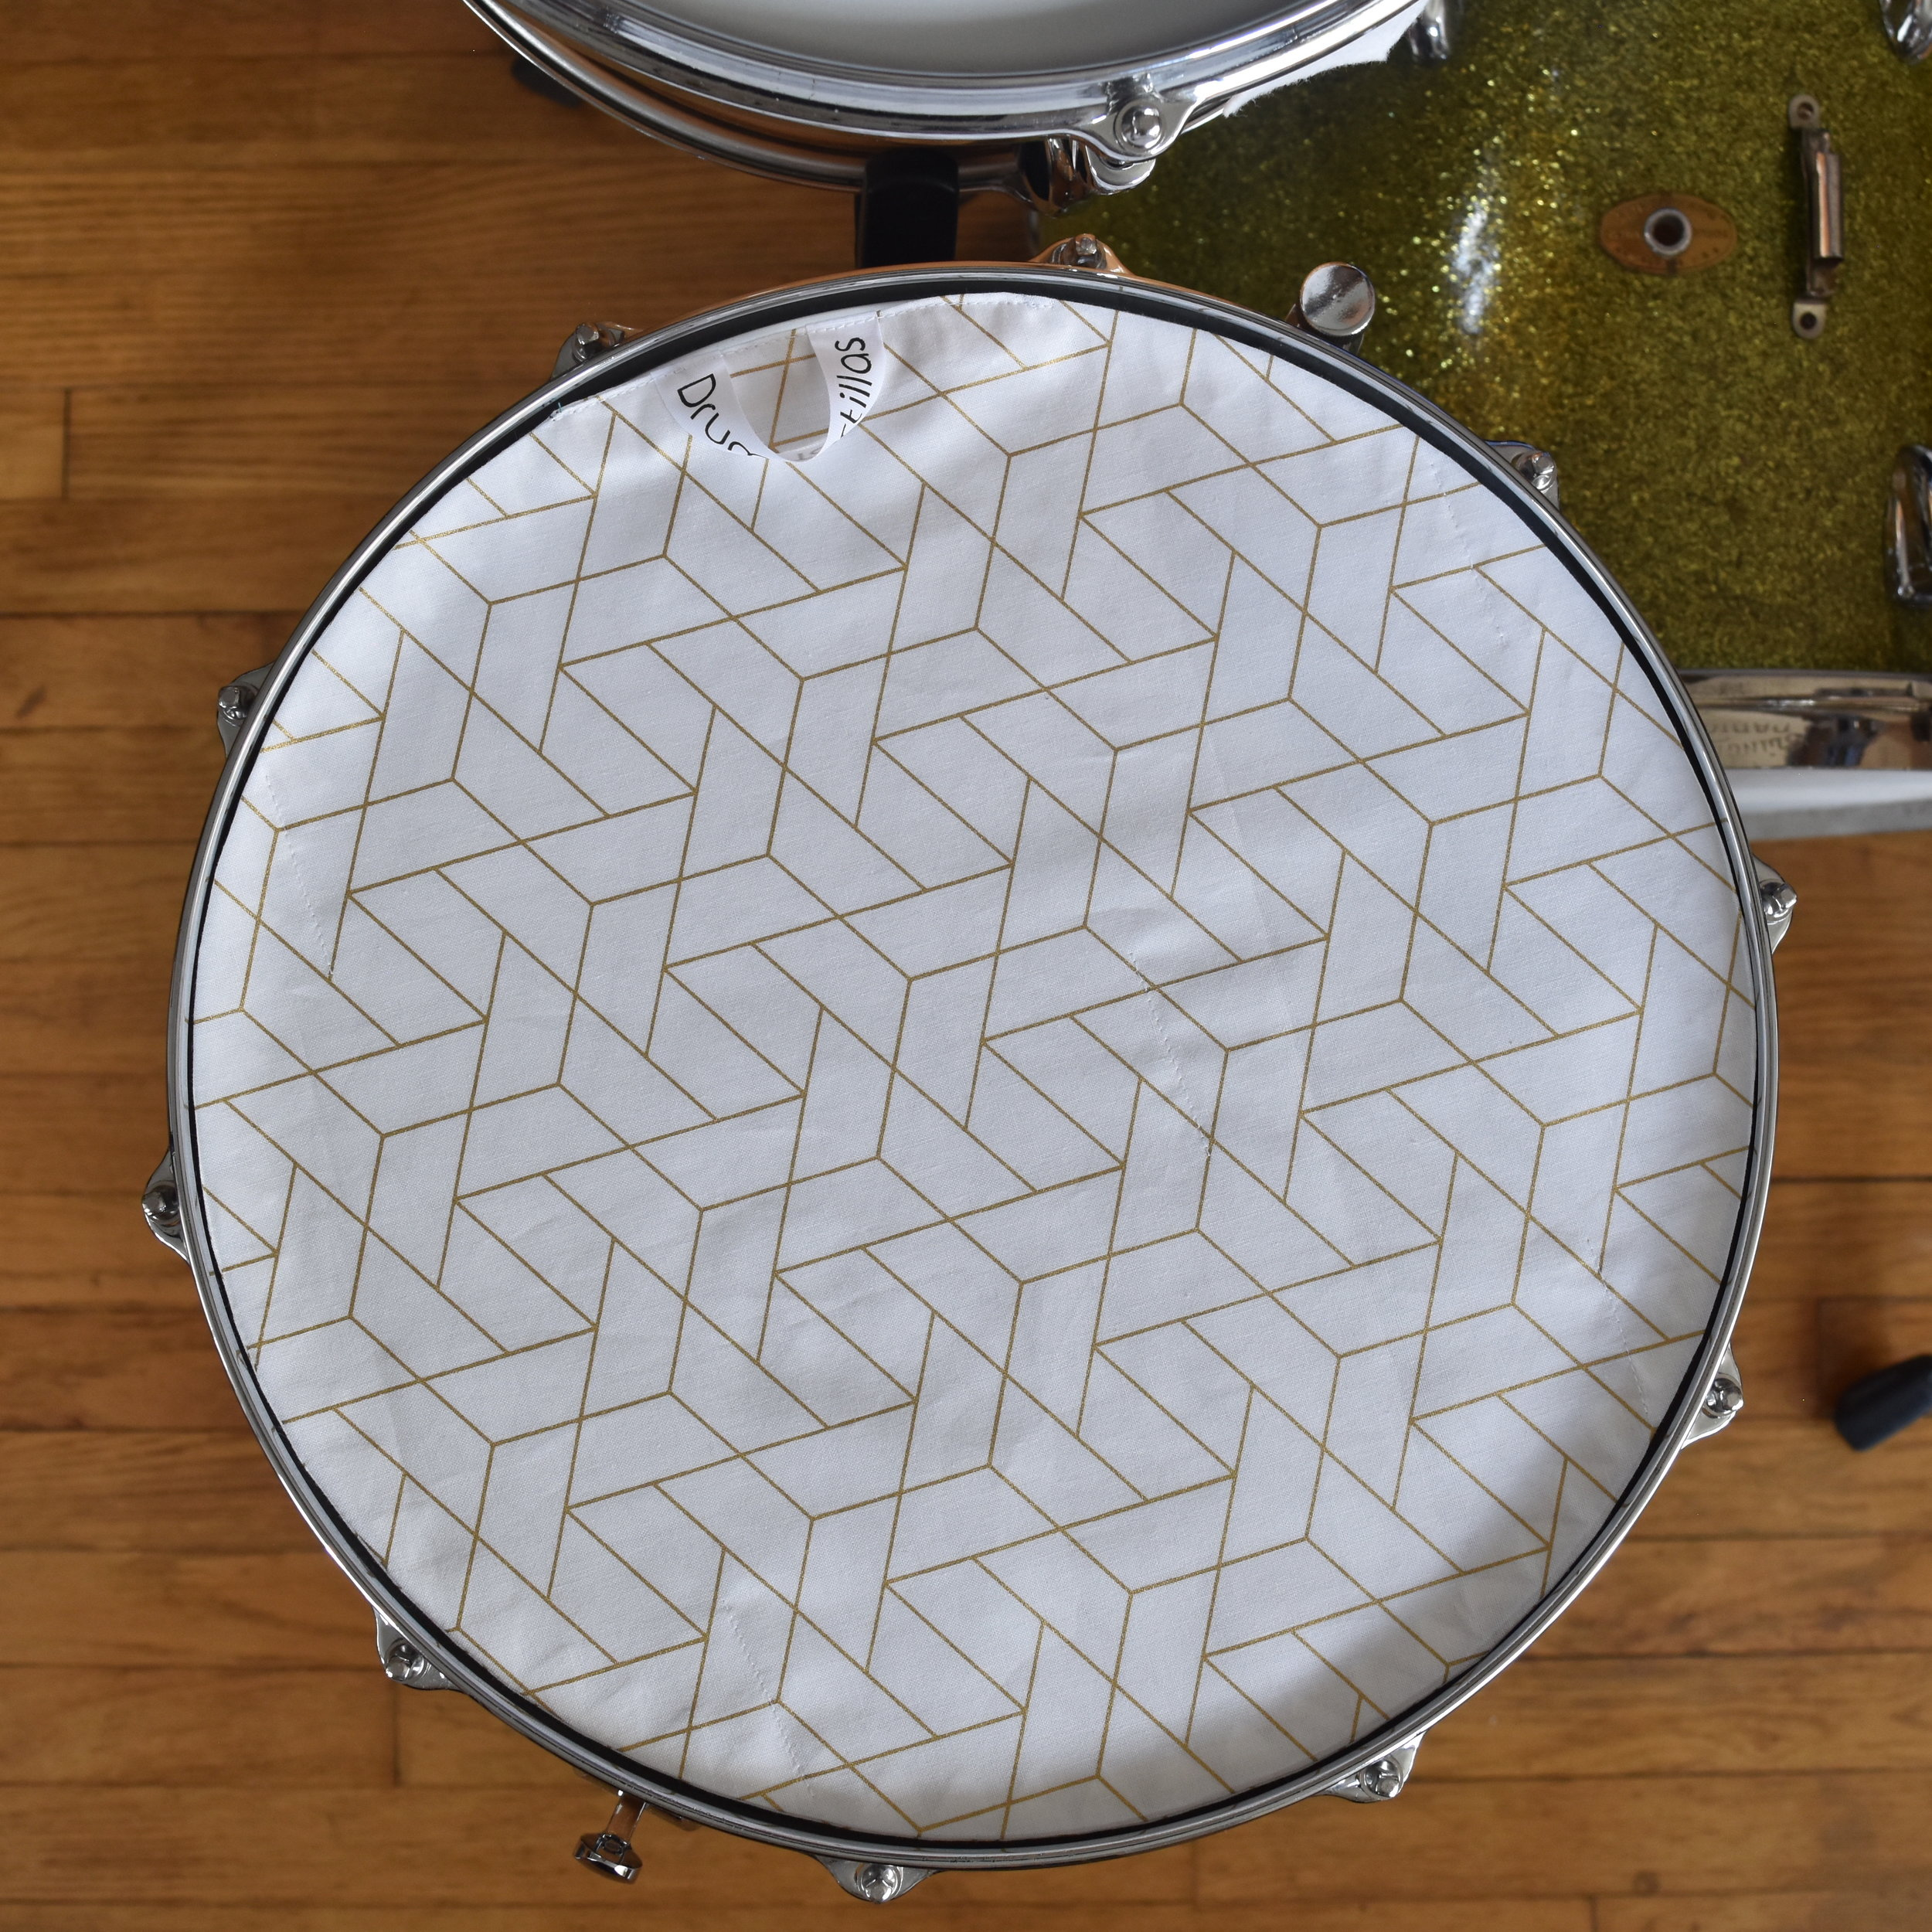 White Geometric Honeycomb